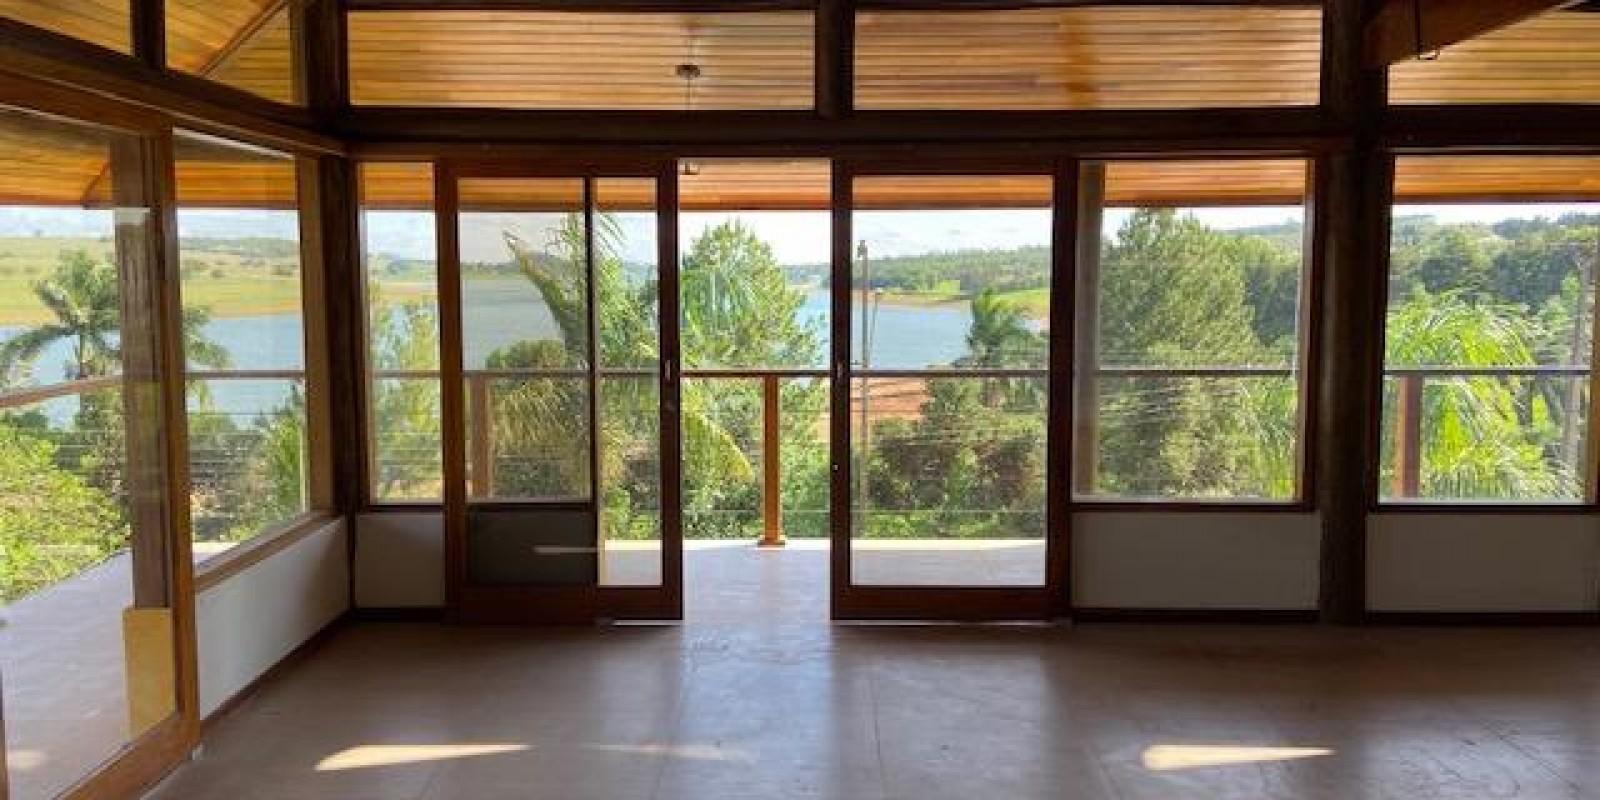 Casa na Represa no Condomínio Estribo em Avaré SP - Foto 10 de 21